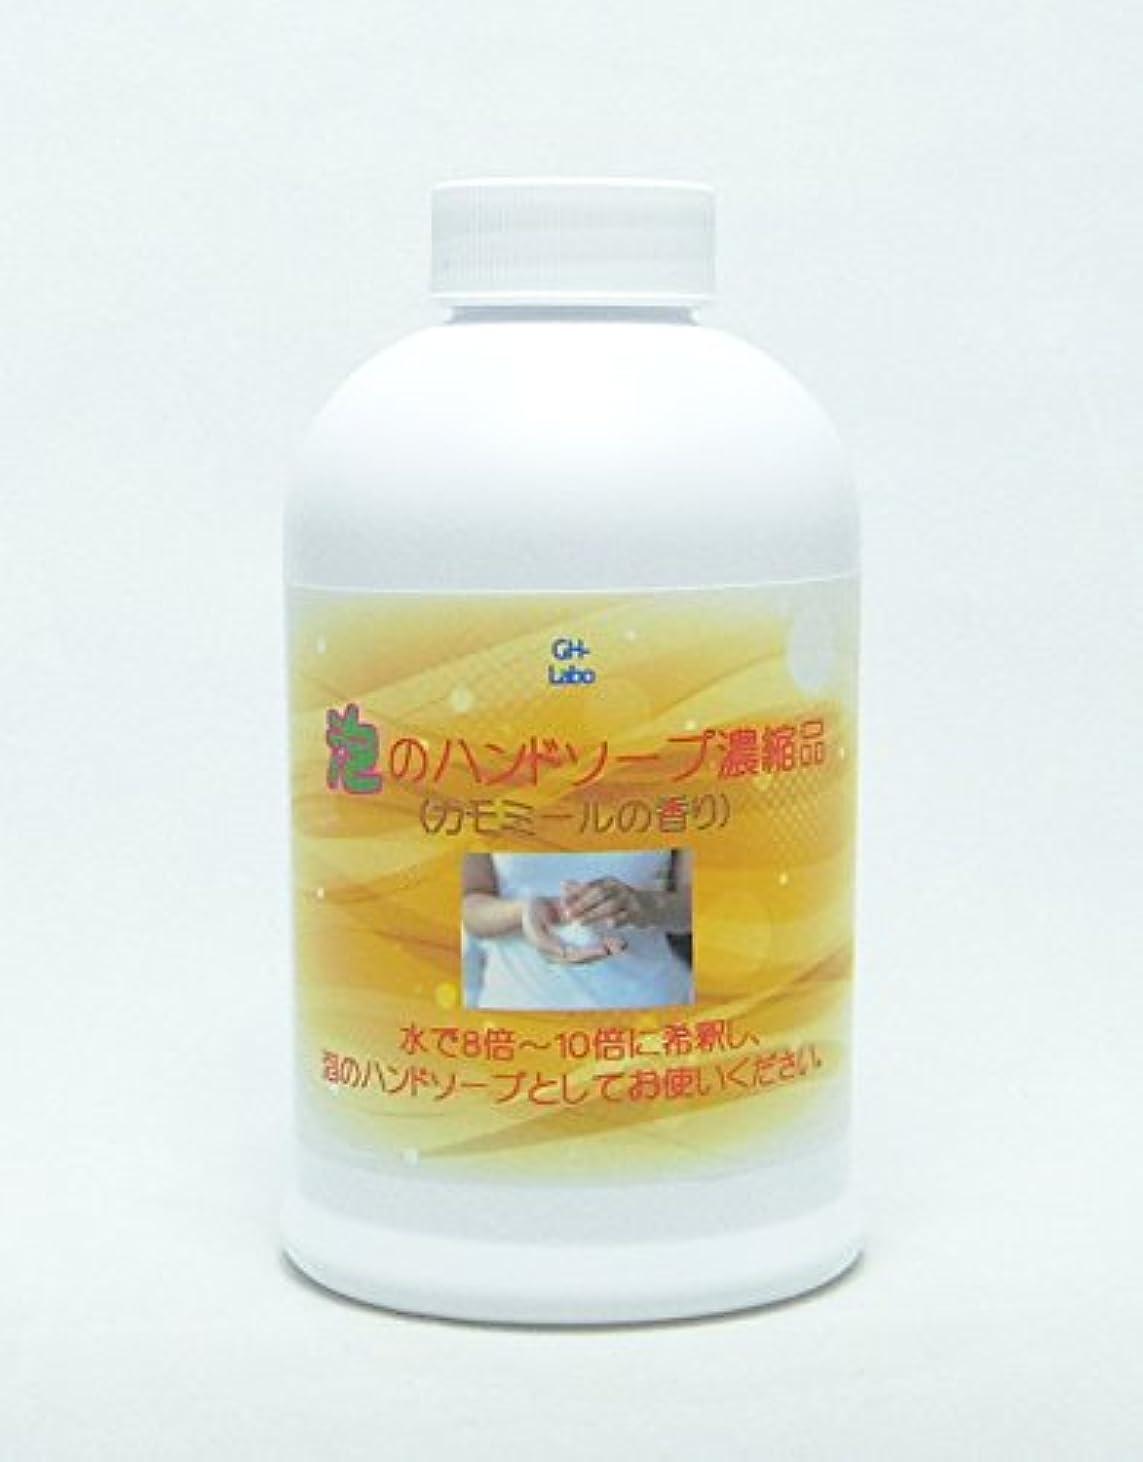 パラシュート寛容な医療過誤GH-Labo 泡のハンドソープ濃縮品(300mLの商品10~13個分) カモミールの香り